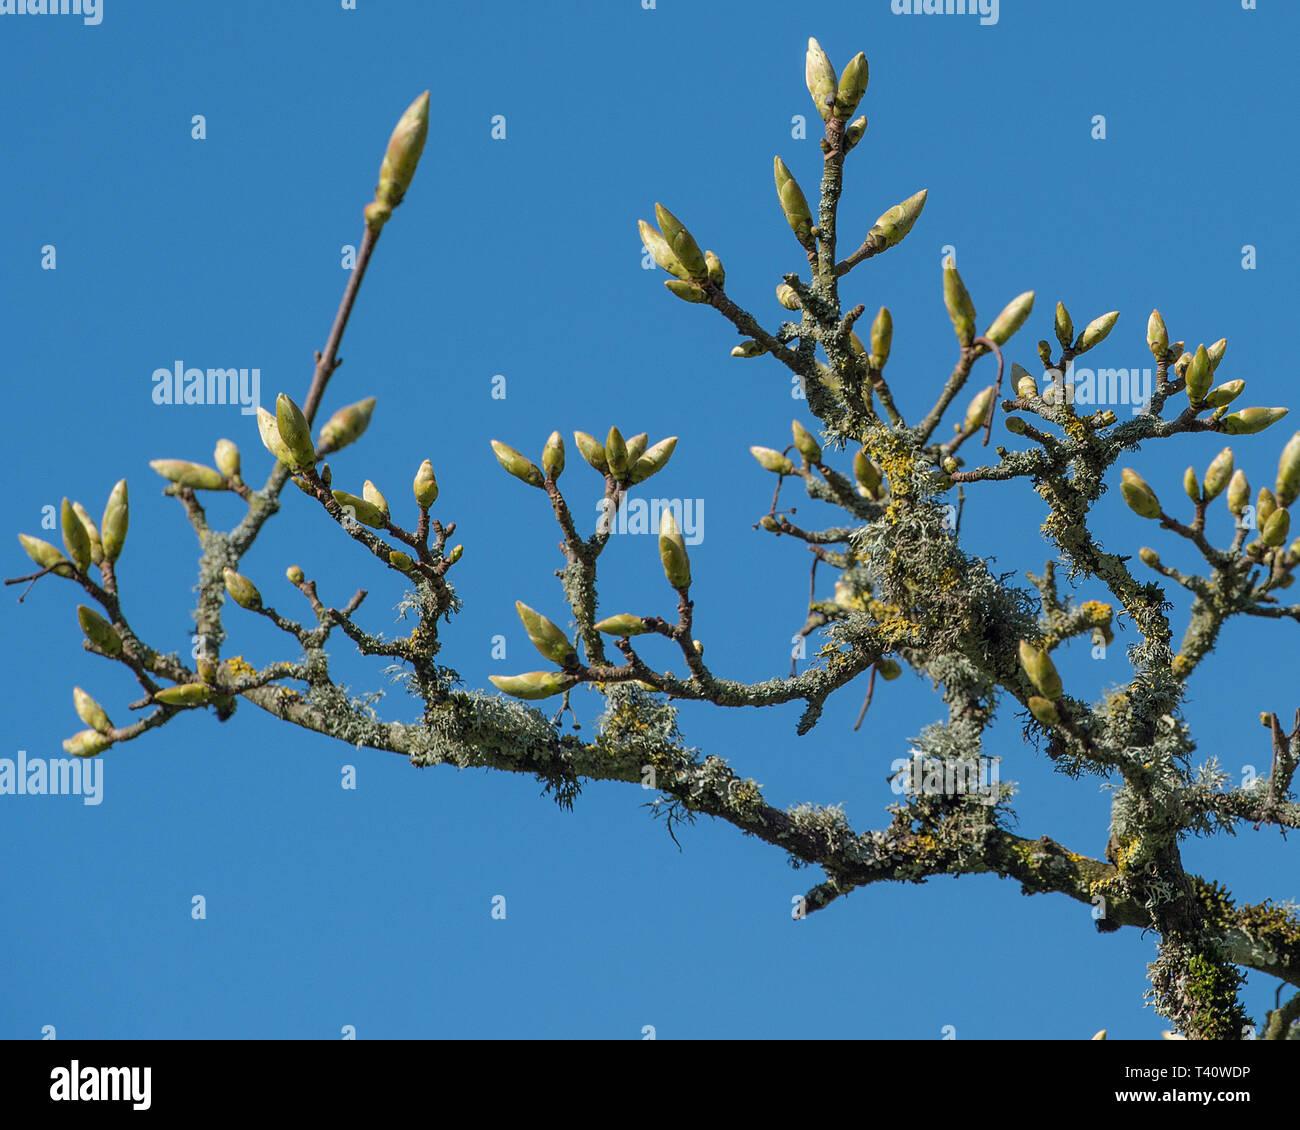 Esche knospen im Frühling Stockbild